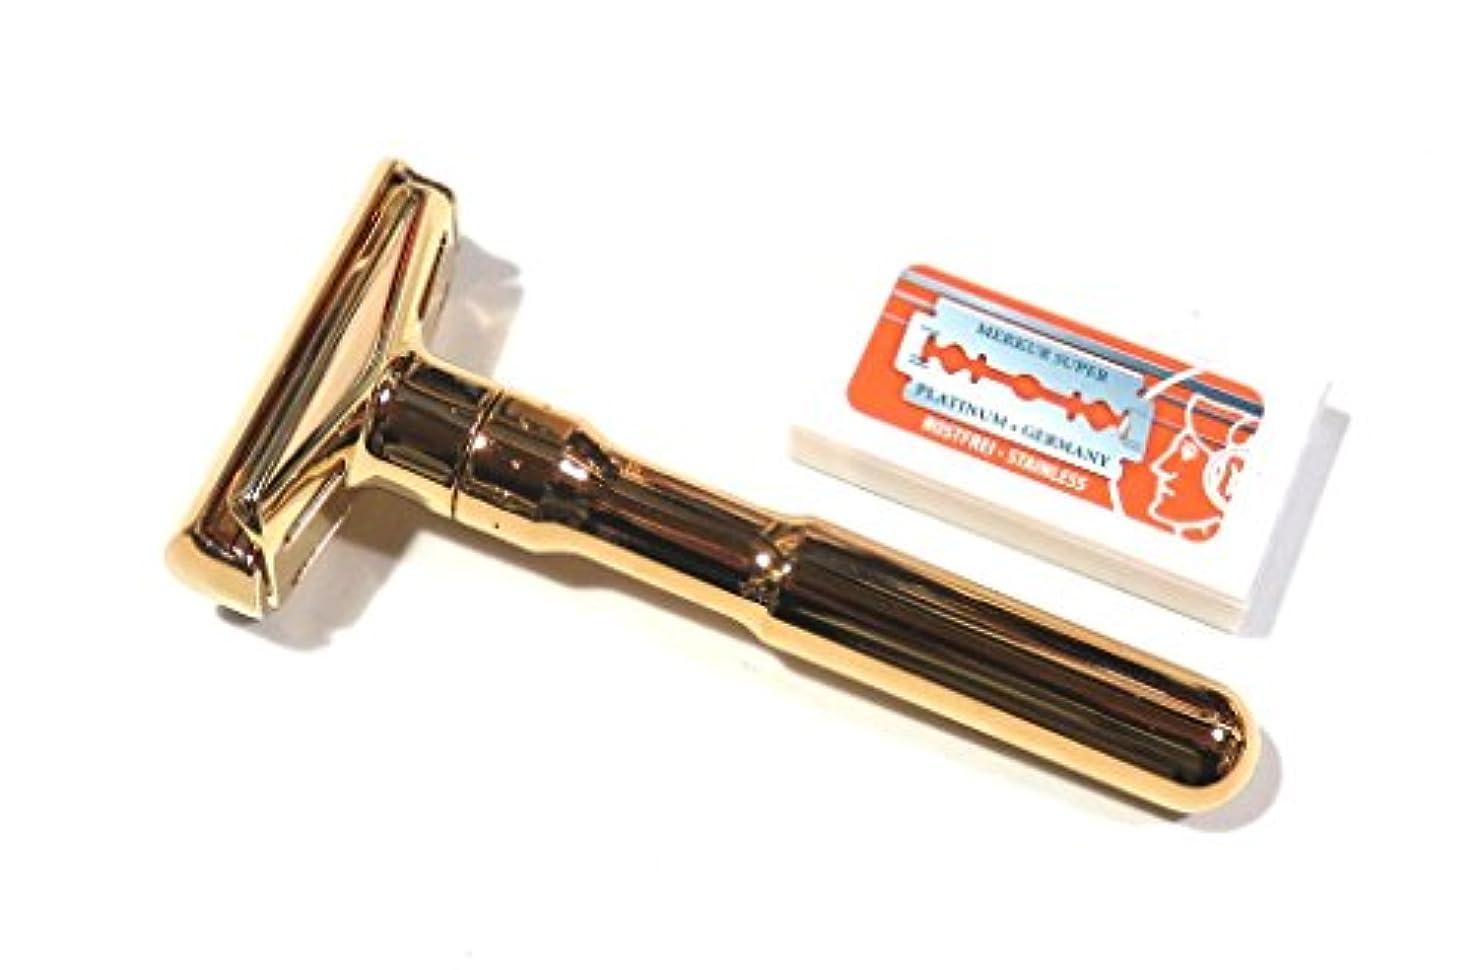 勤勉な頭蓋骨行うメルクールMERKUR(独)髭剃り(ひげそり)両刃ホルダー